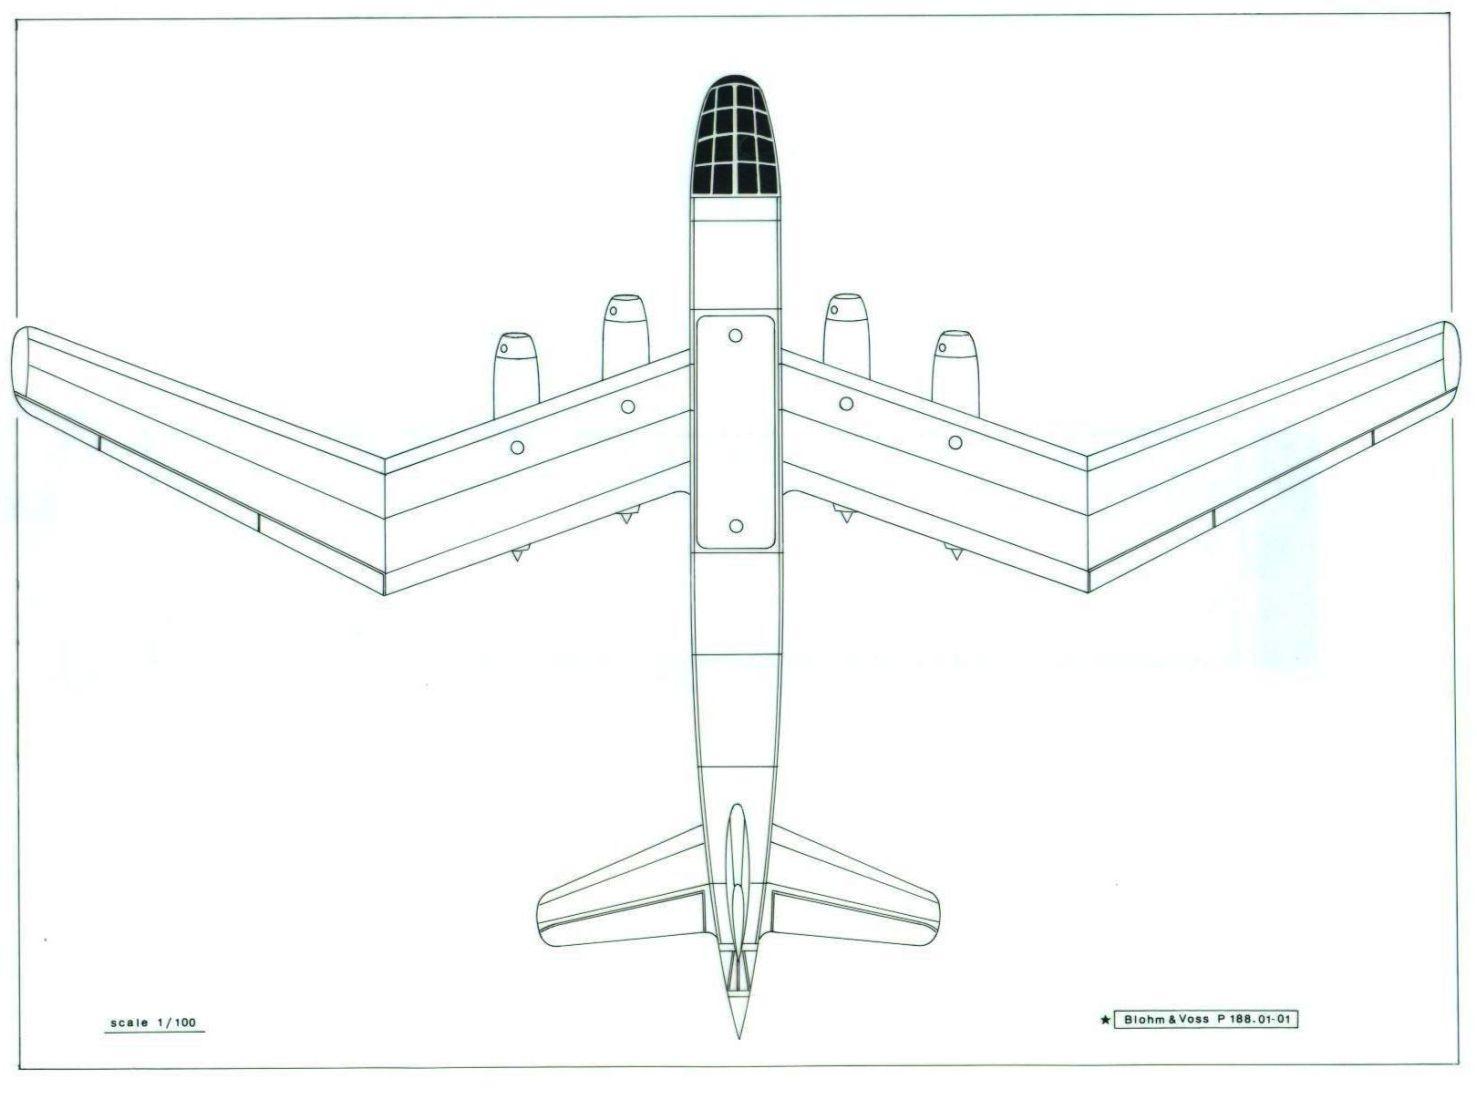 Sphingidae Amp Luft46